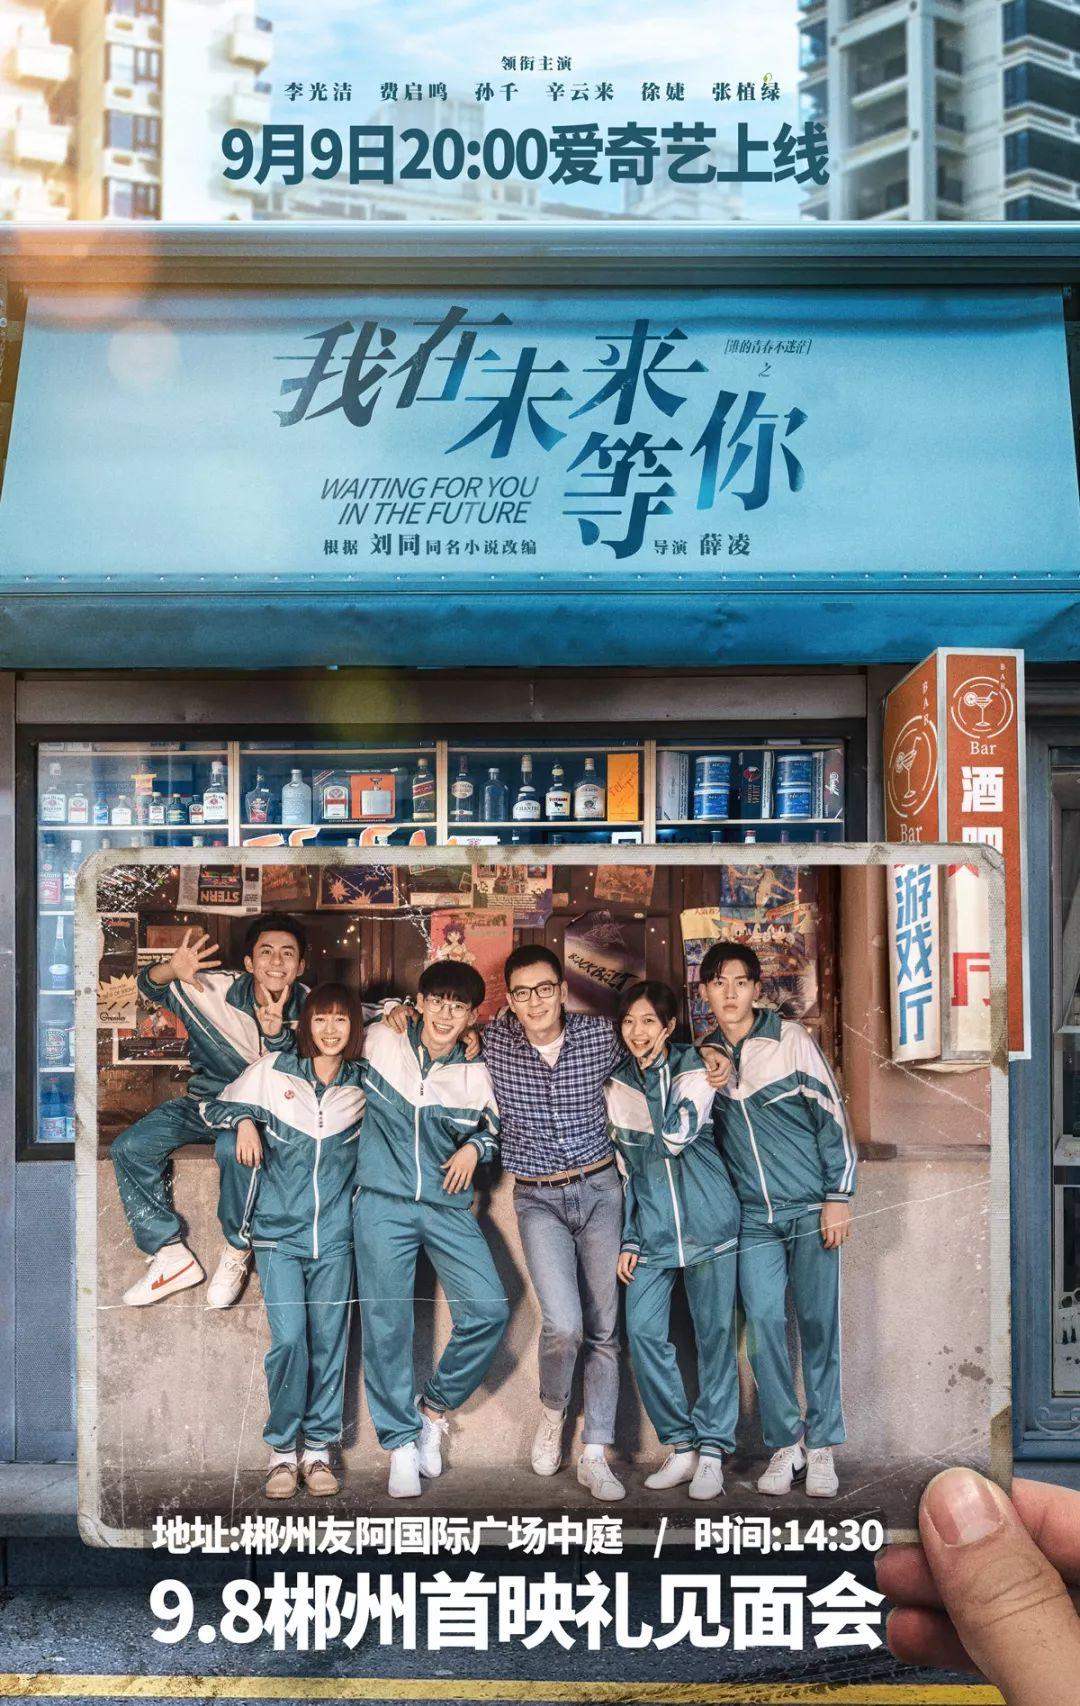 免费送票!刘同、李光洁…他们带着《我在未来等你》来郴州了!